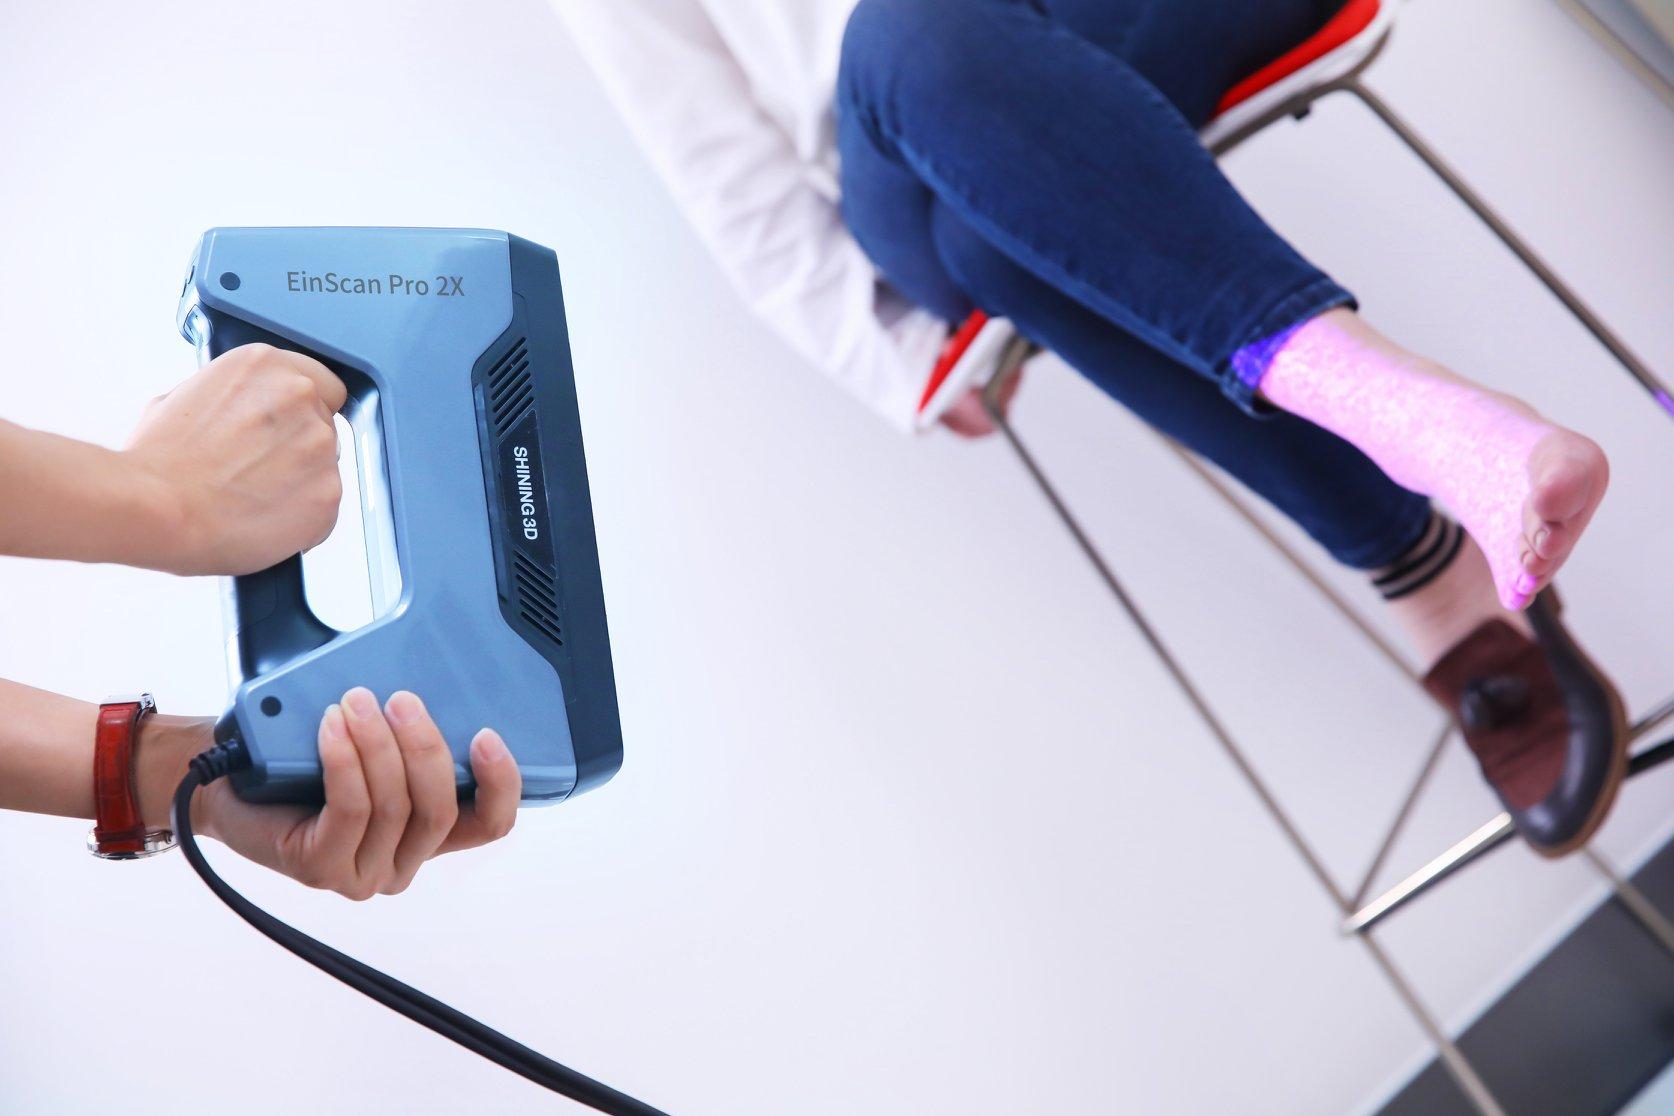 Máy quét 3D EinScan Pro 2X - Báo giá / Cung cấp độc quyền / Mua bán